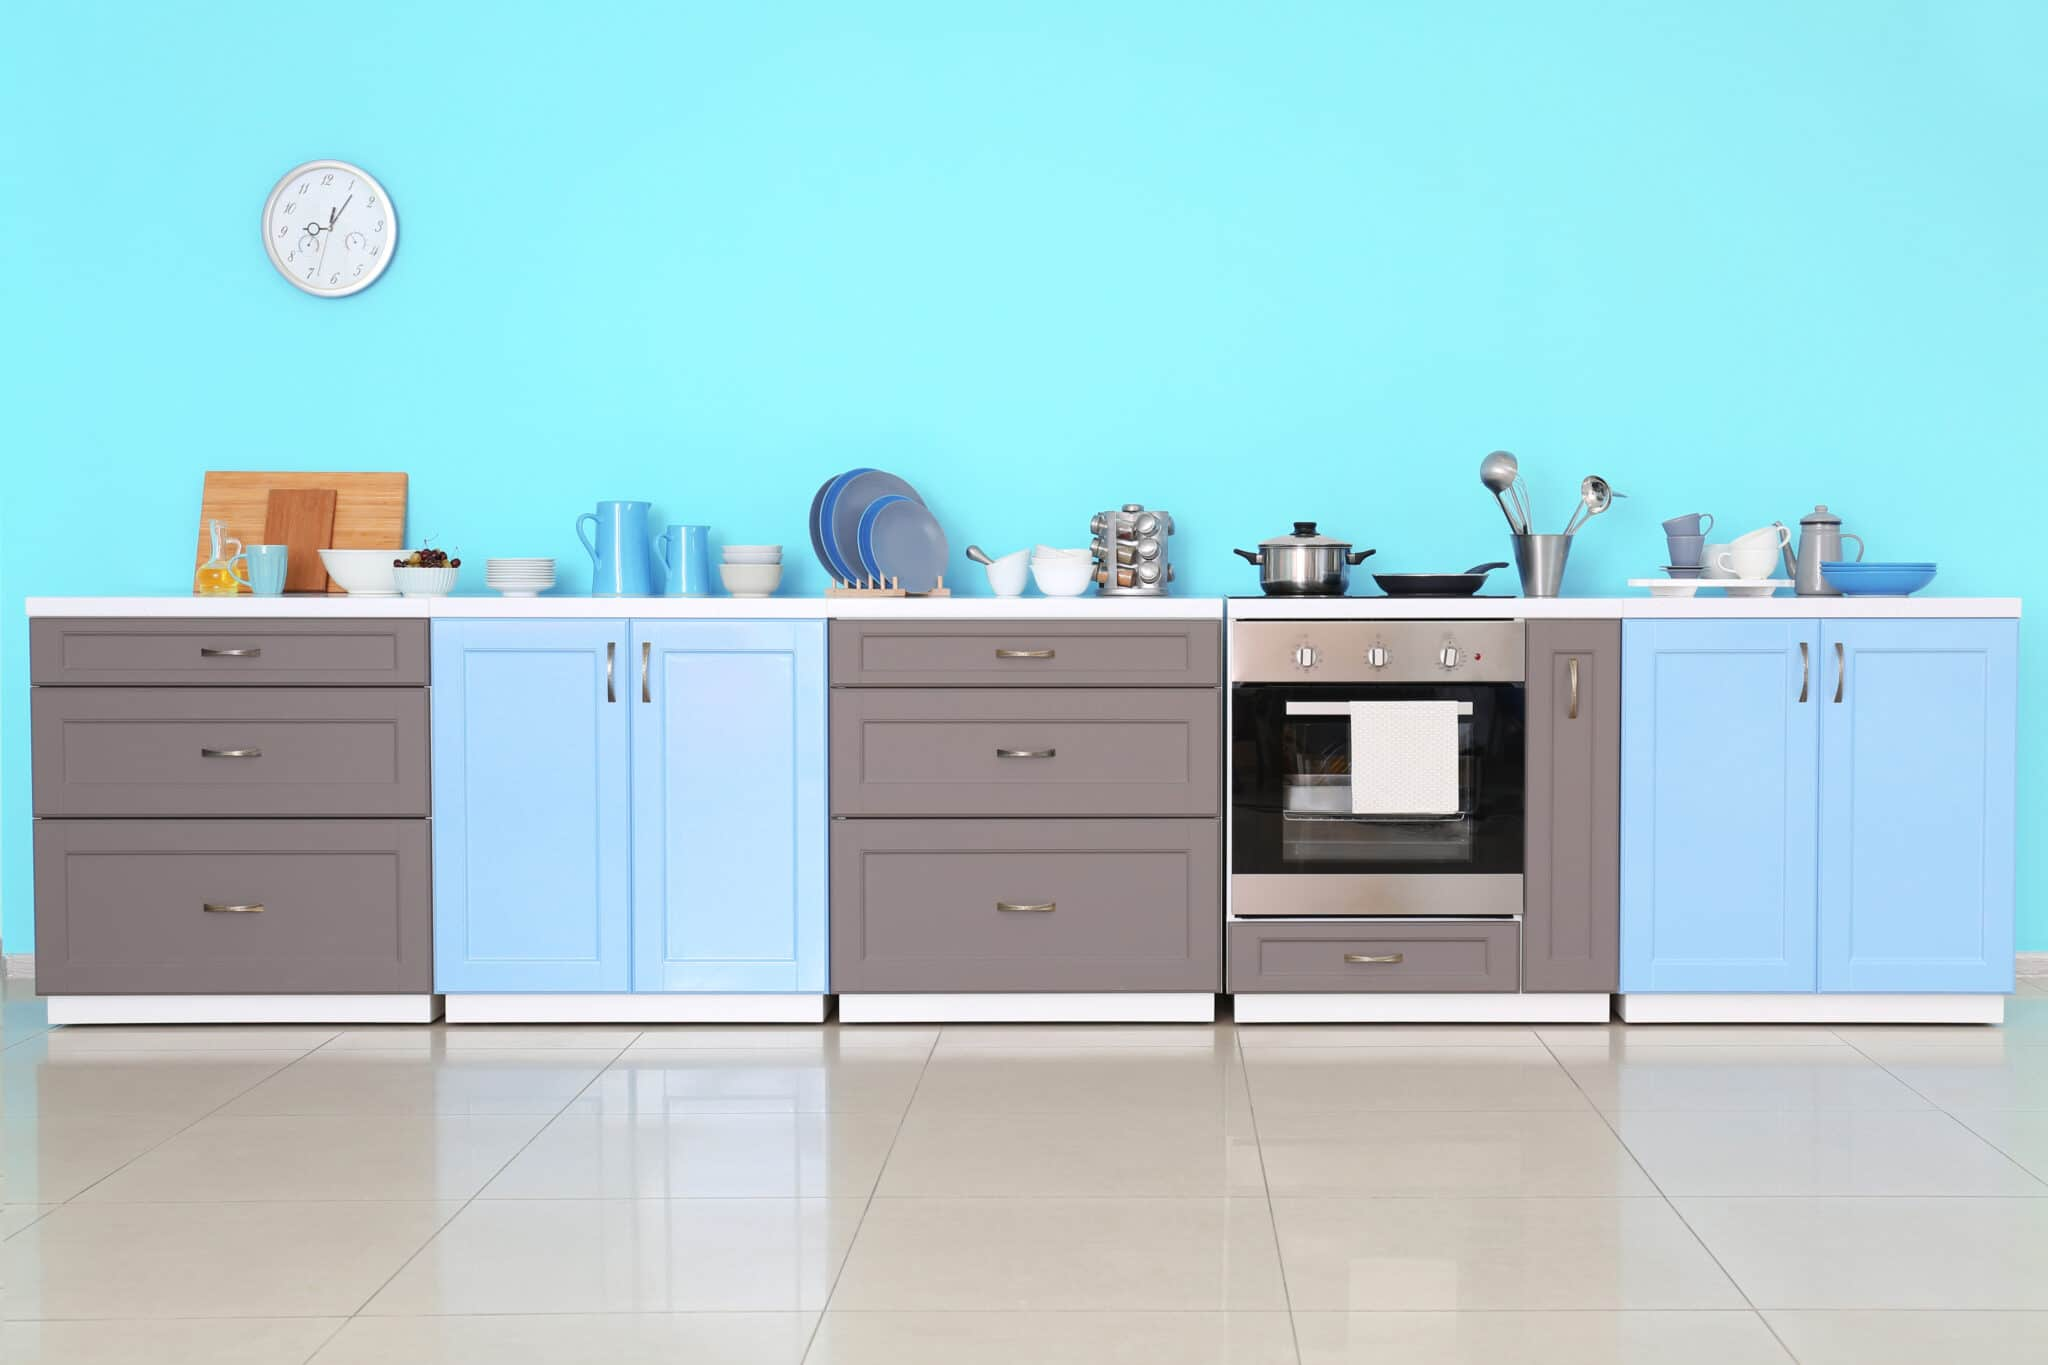 מטבחים מעץ רשת לעיצוב וייצור מטבחים קלאסיים מקצועיים בתחום מטבחי יוקרה עם מתן אחריות לעבודתם שיודעים לספק פתרונות יעילים להתאמת תנורים גדולים לכל מטבח במקביל לשימוש בחומרים מעולים